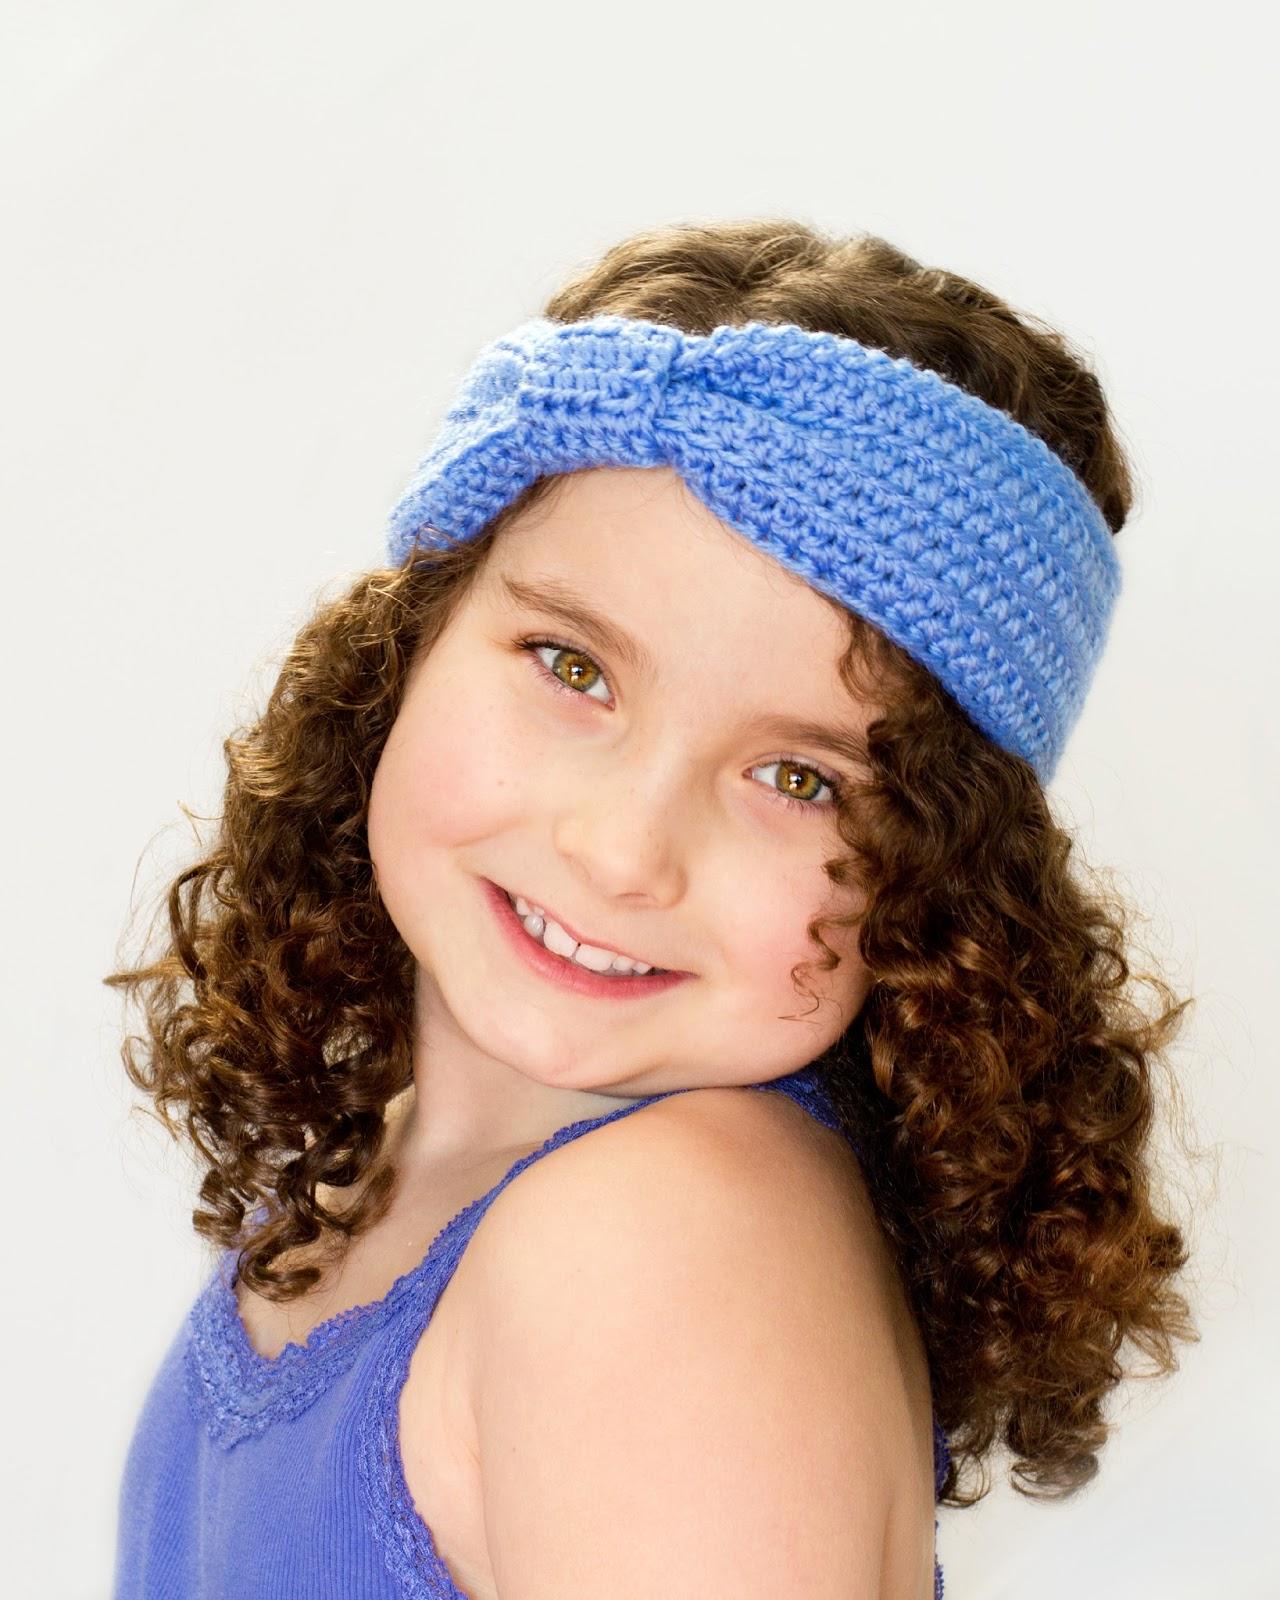 Crochet Headwrap Free Womens Crochet Headband Pattern Crochet And Knit